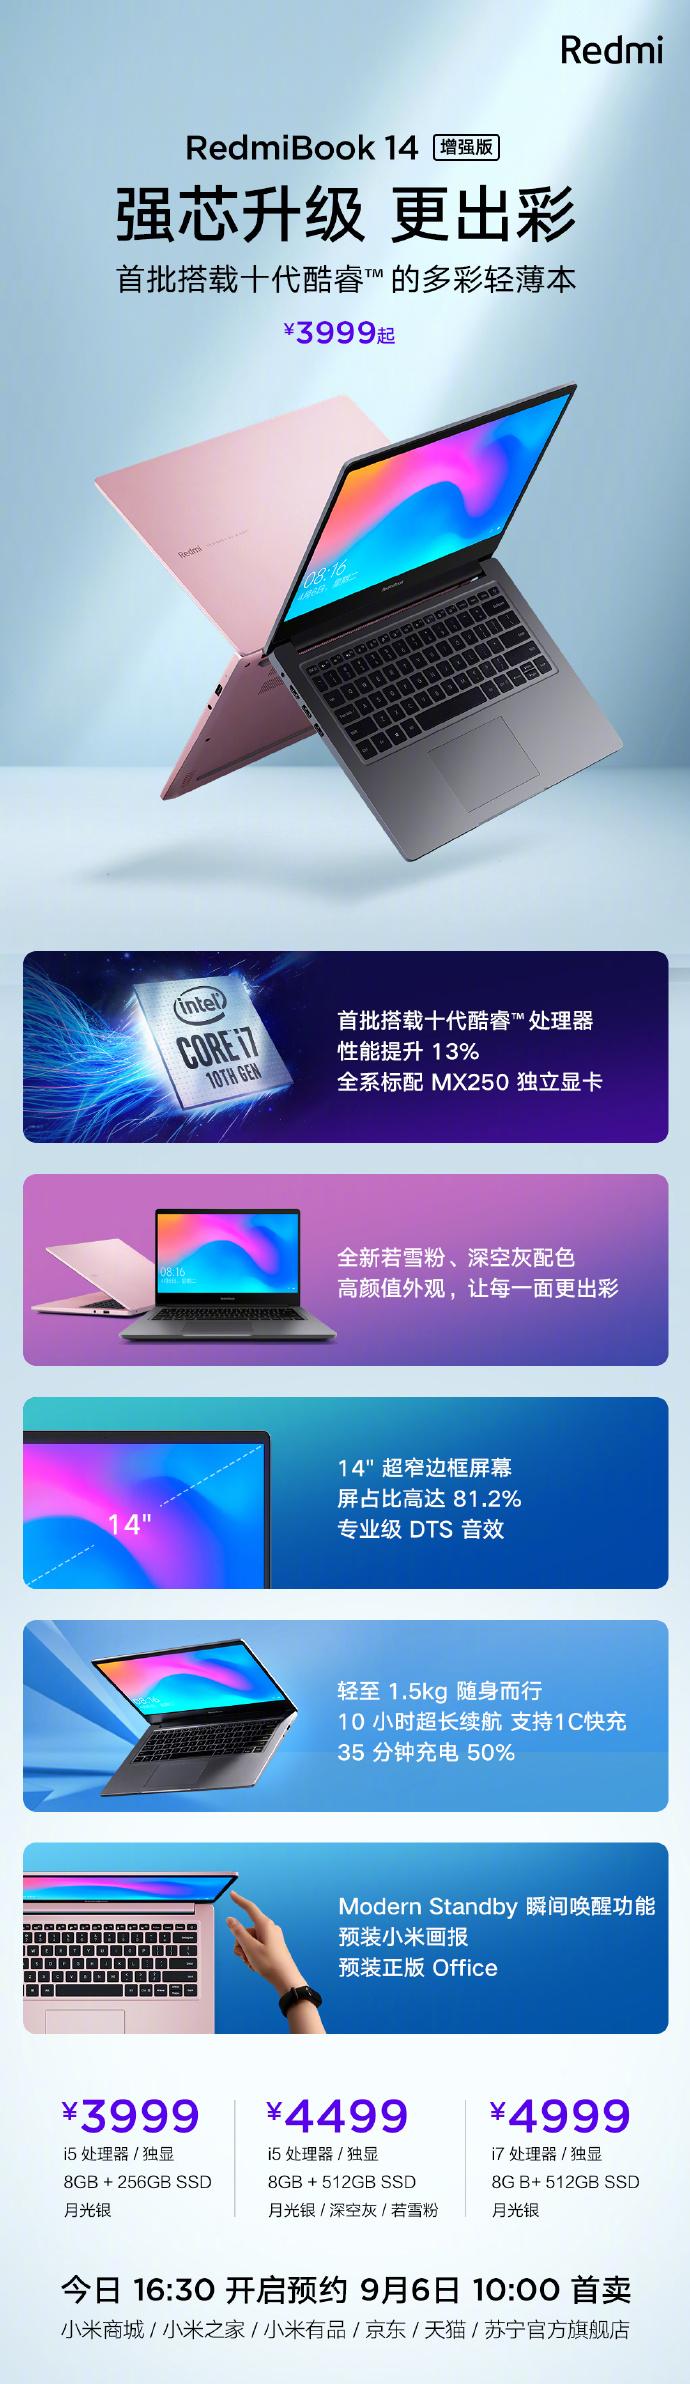 一图看懂RedmiBook 14增强版-玩懂手机网 - 玩懂手机第一手的手机资讯网(www.wdshouji.com)